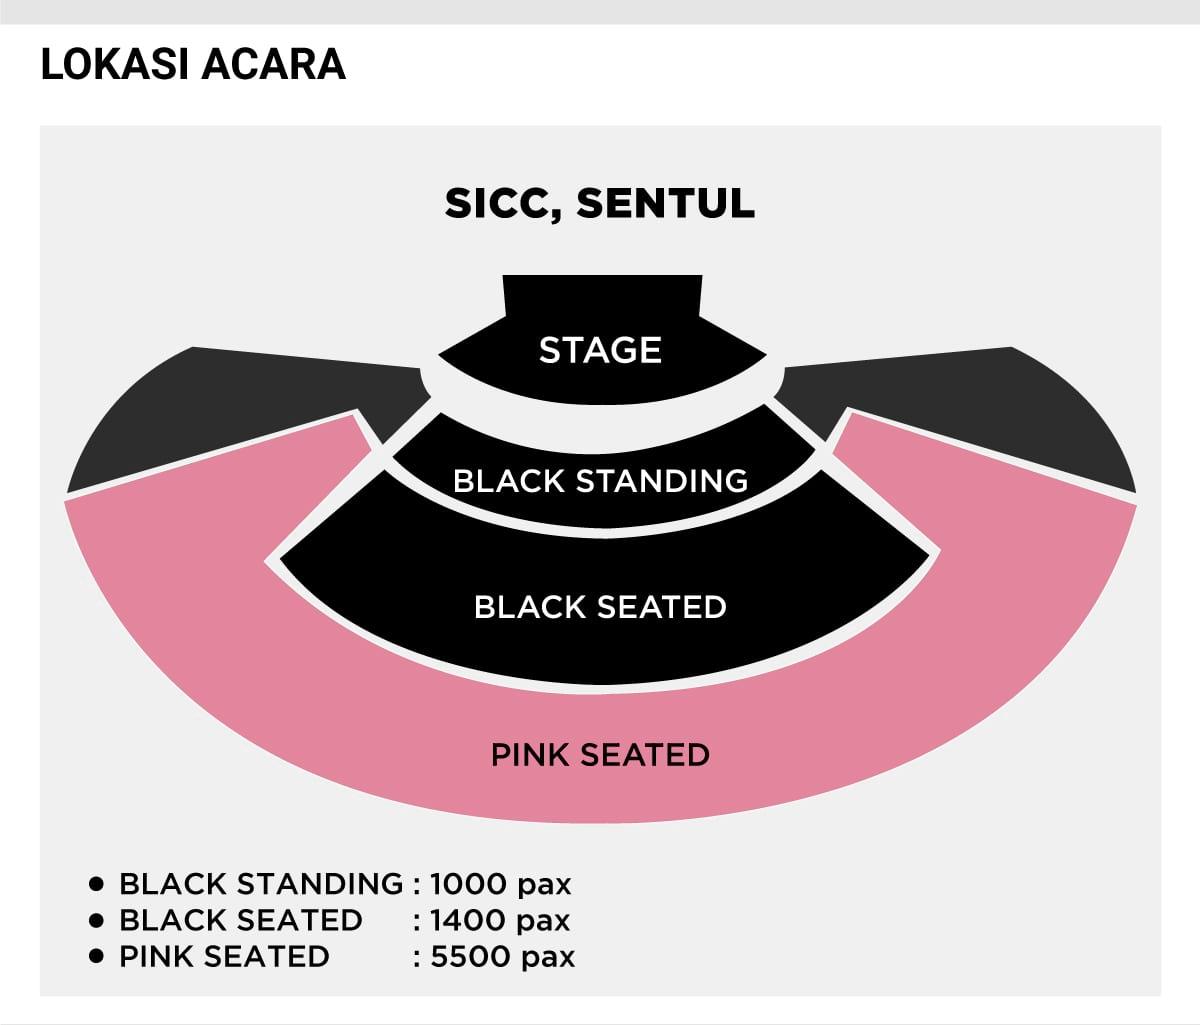 BLACKPINK Shopee(saungkorea.com)